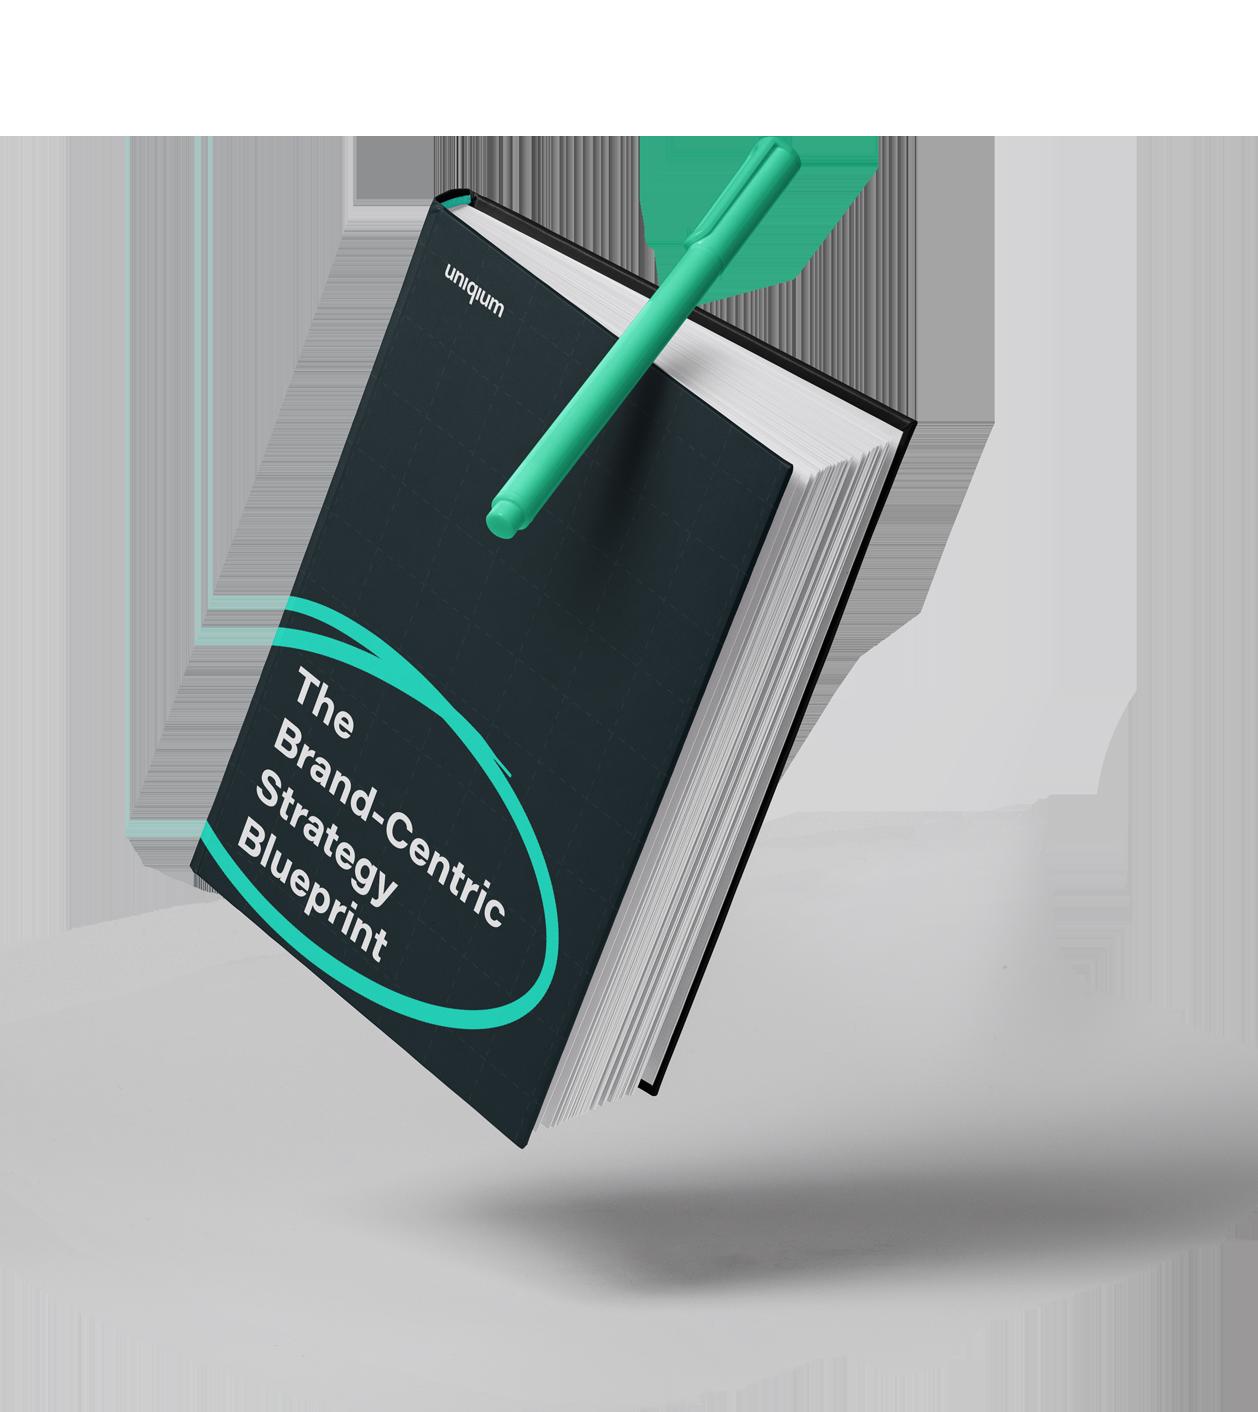 A branding book